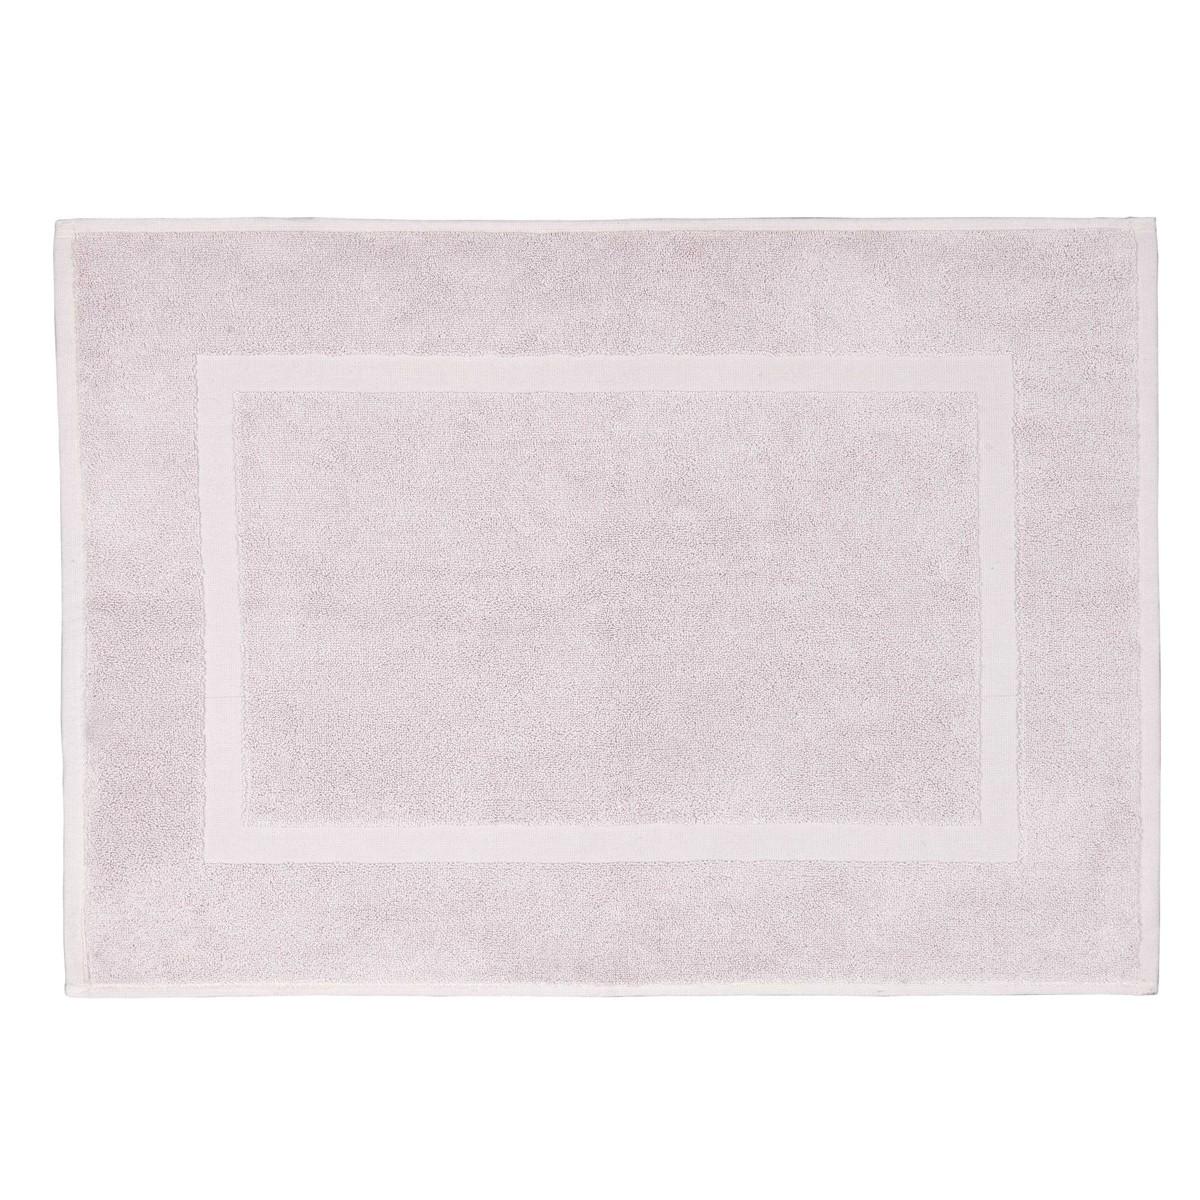 Πατάκι Μπάνιου Πετσετέ (50x75) Nima Volcano Dusty Lilac